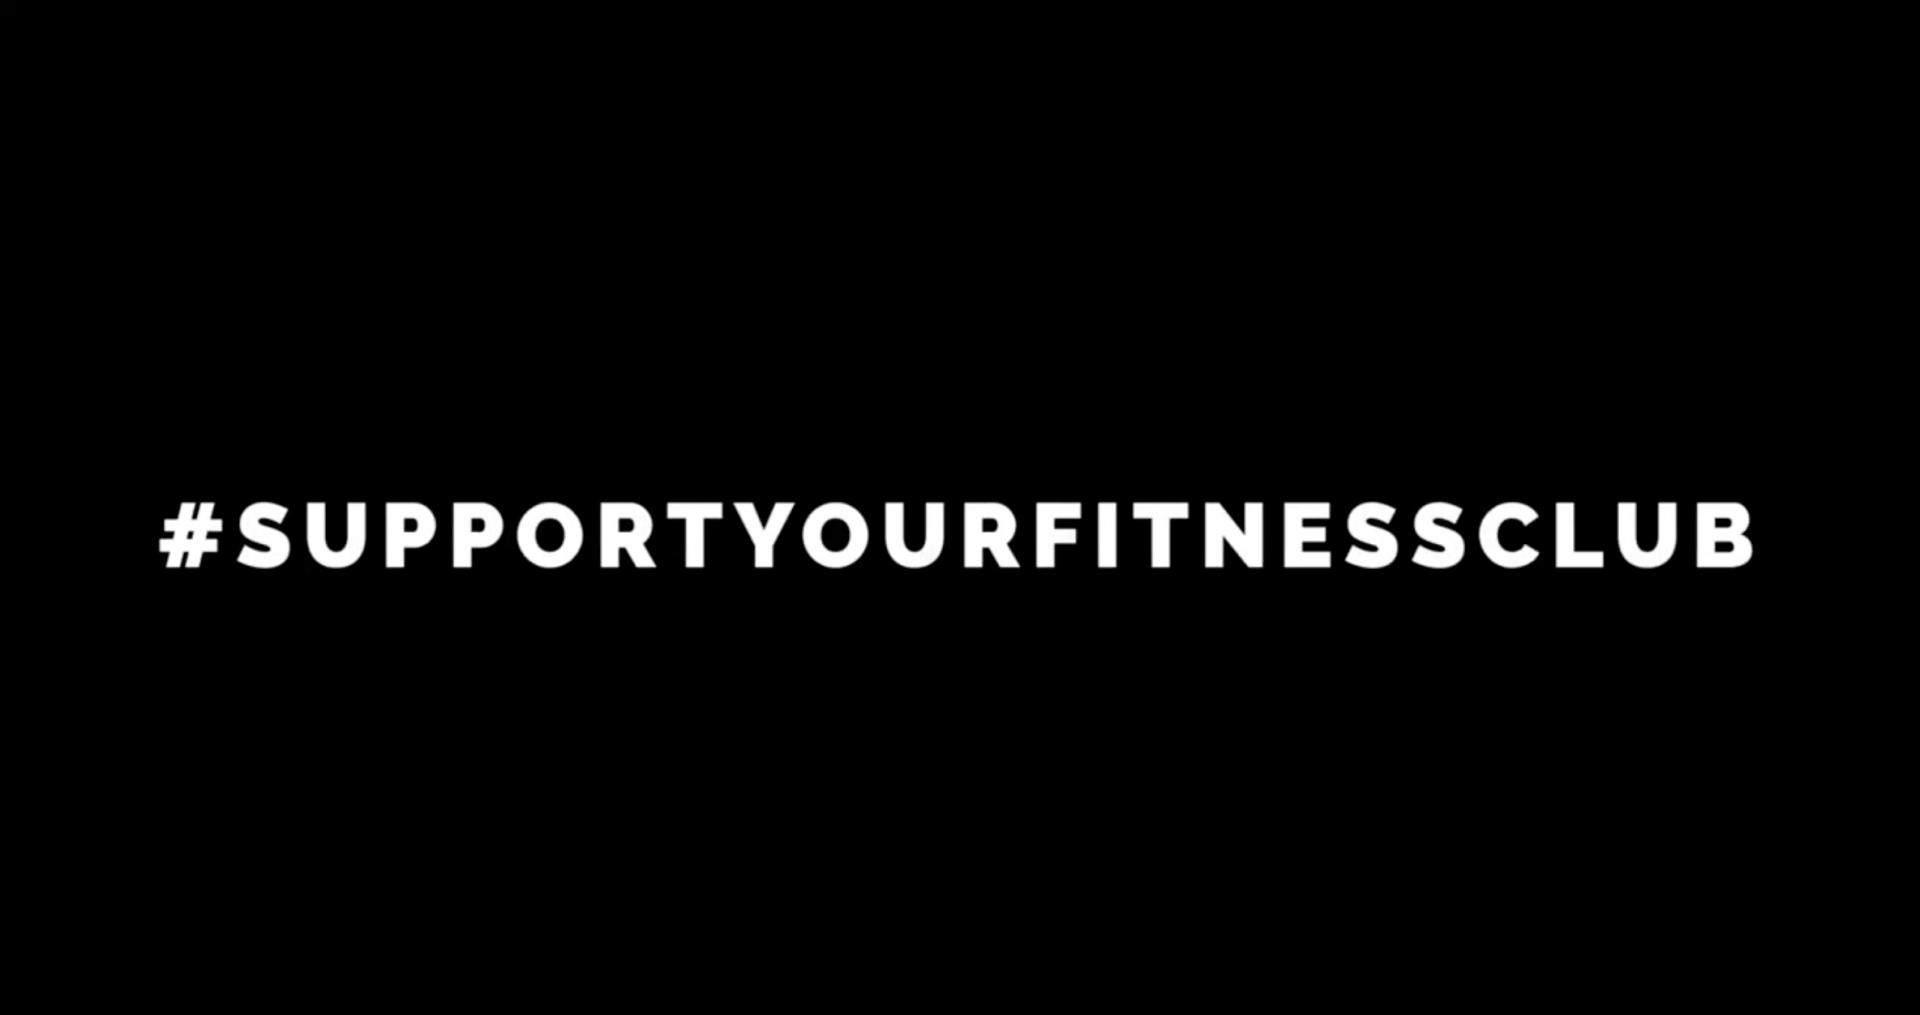 #SupportYourFitnessclub